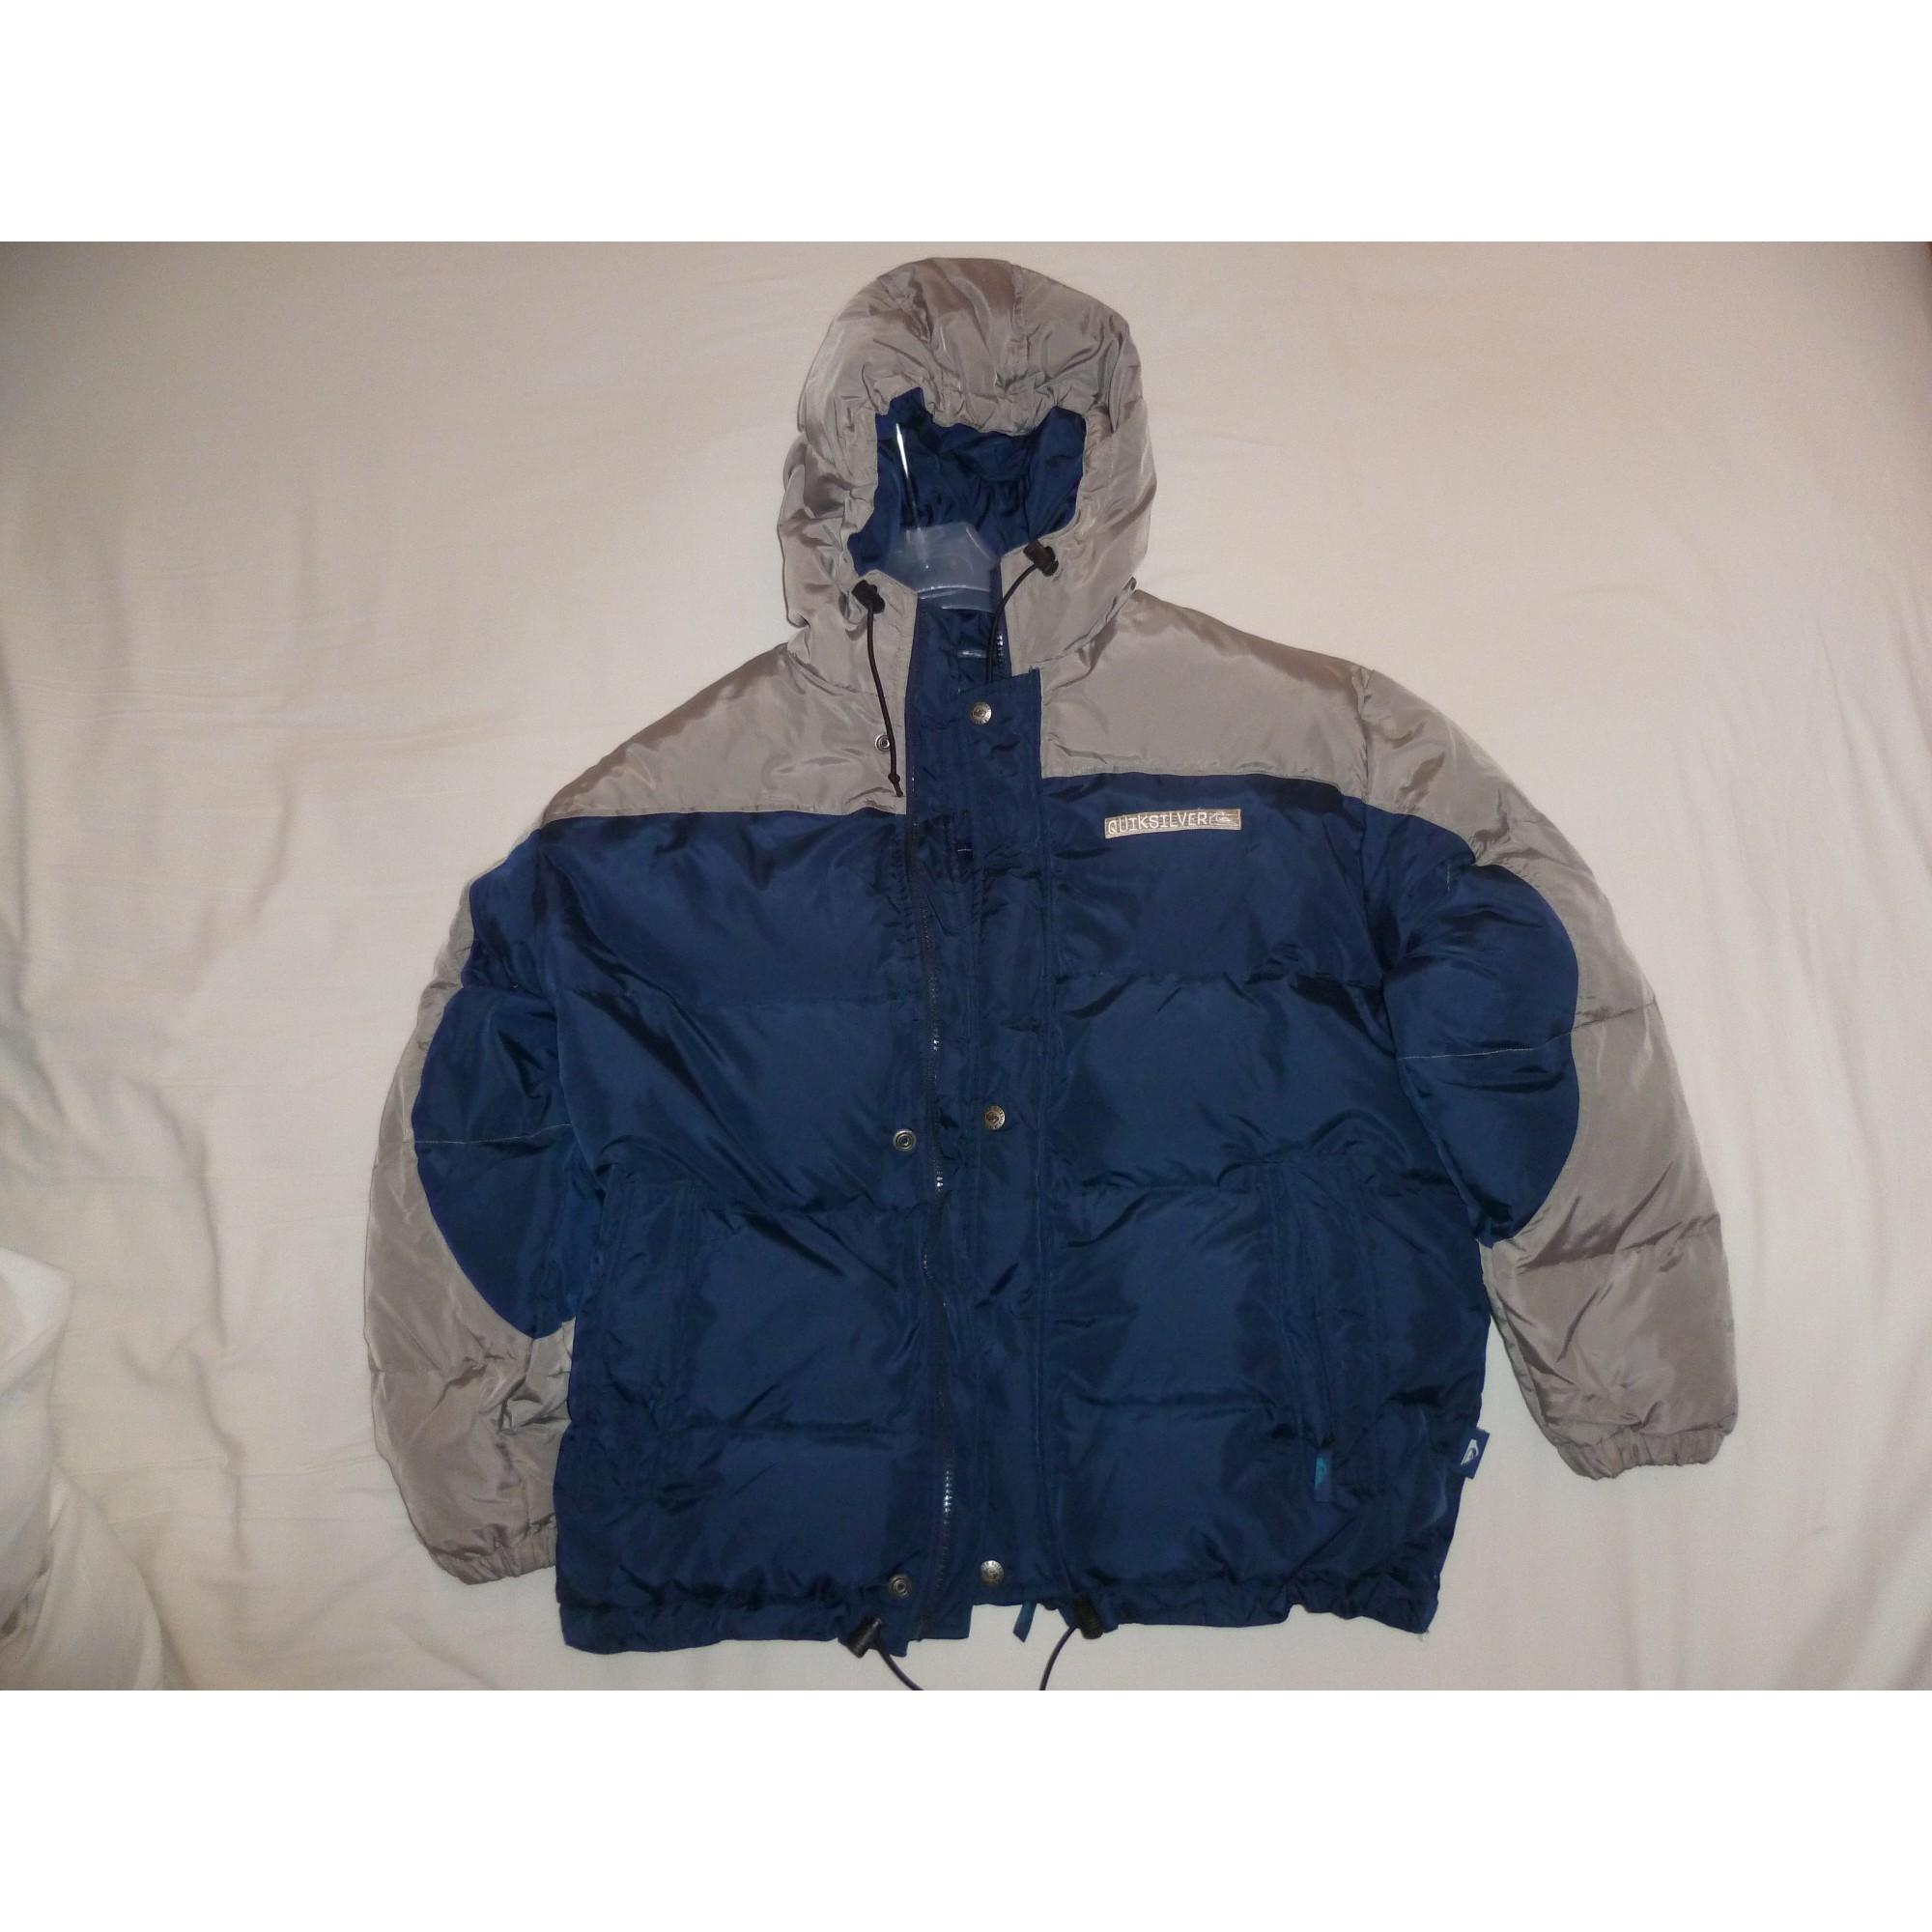 58c7ee45fd75 Doudoune QUIKSILVER 13-14 ans bariolé gris bleu marine vendu par ...